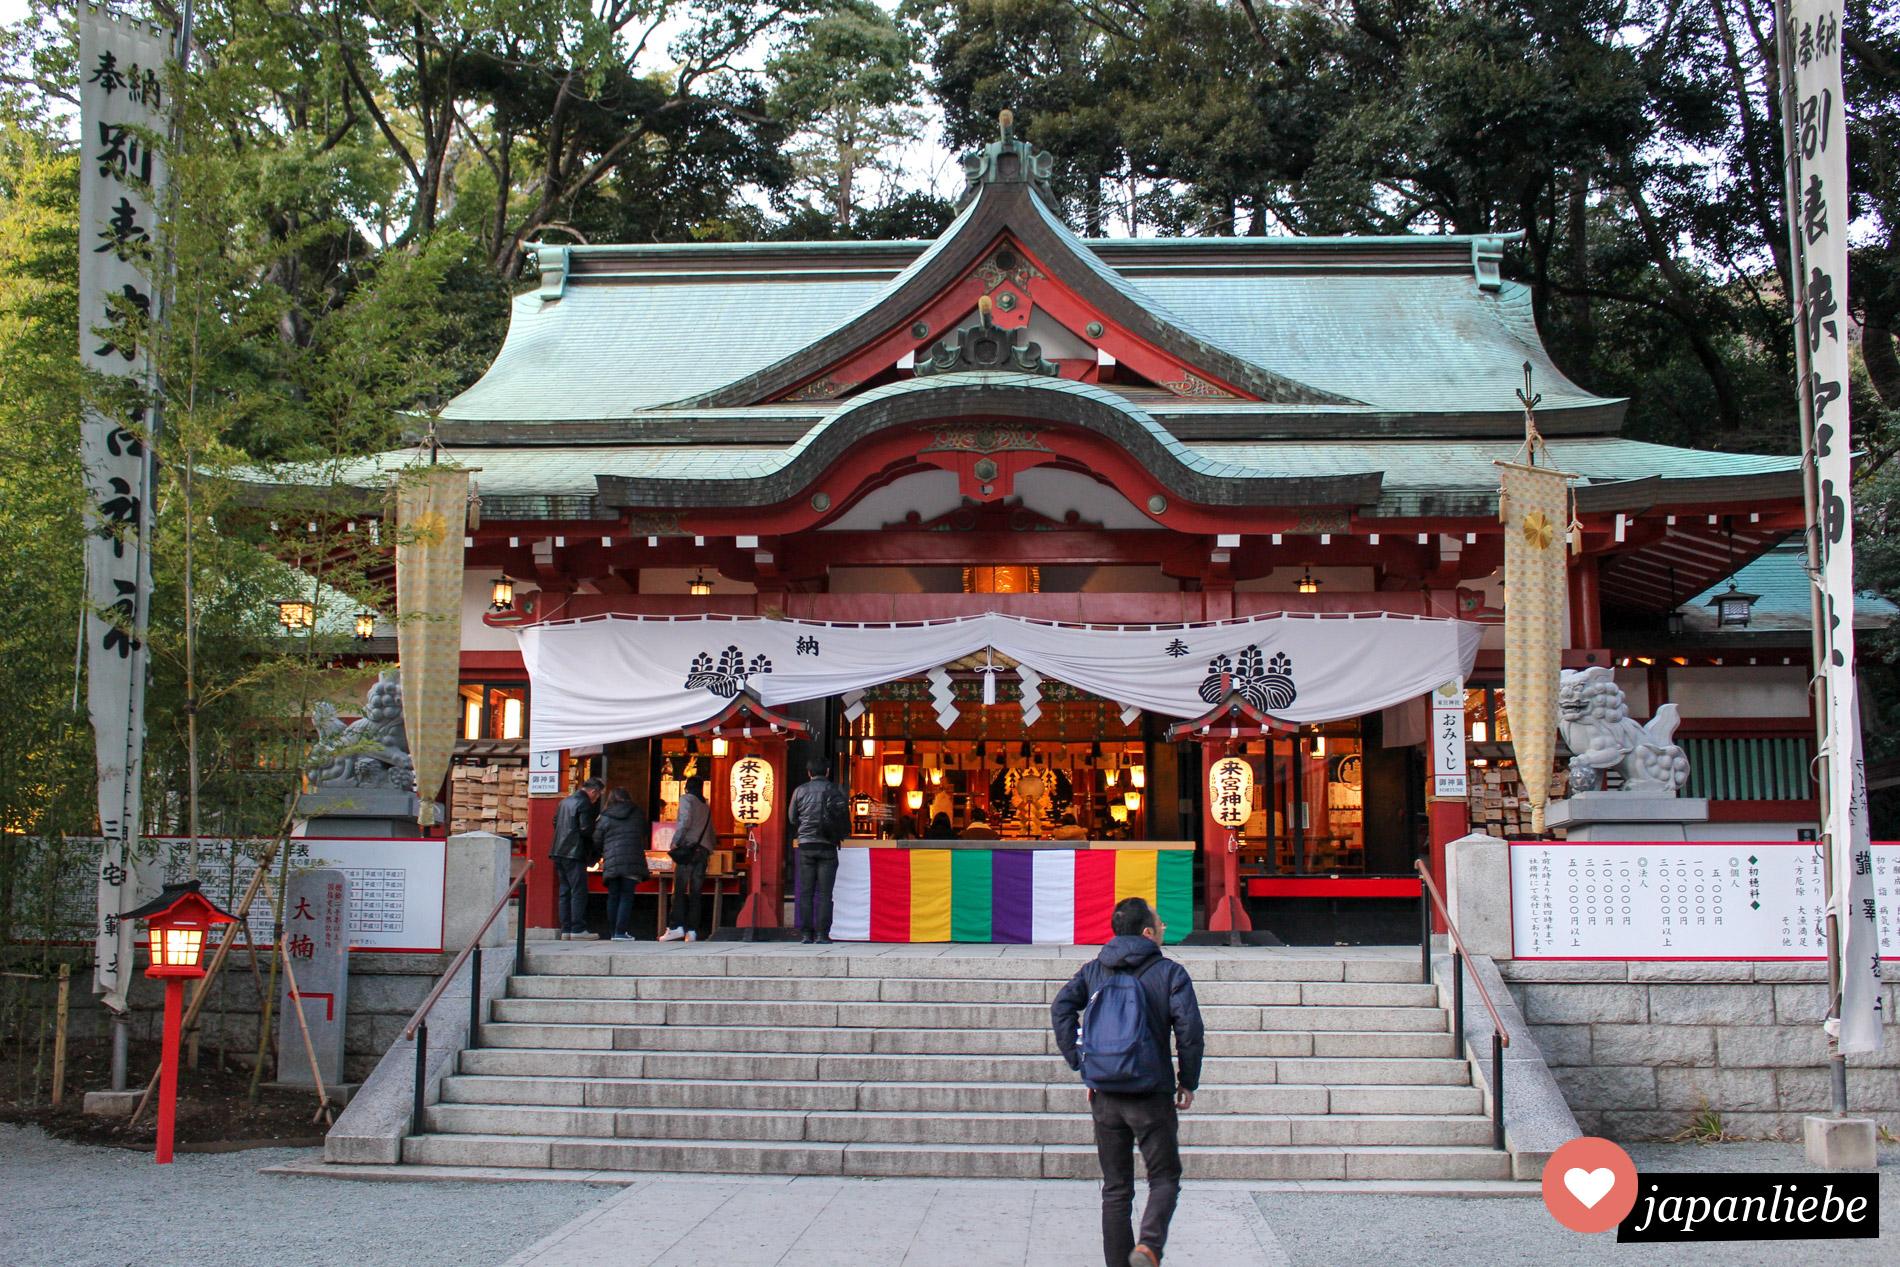 Vor allem auch abends bei romantischer Beleuchtung wunderschön: der Kinomiya Schrein in Atami.